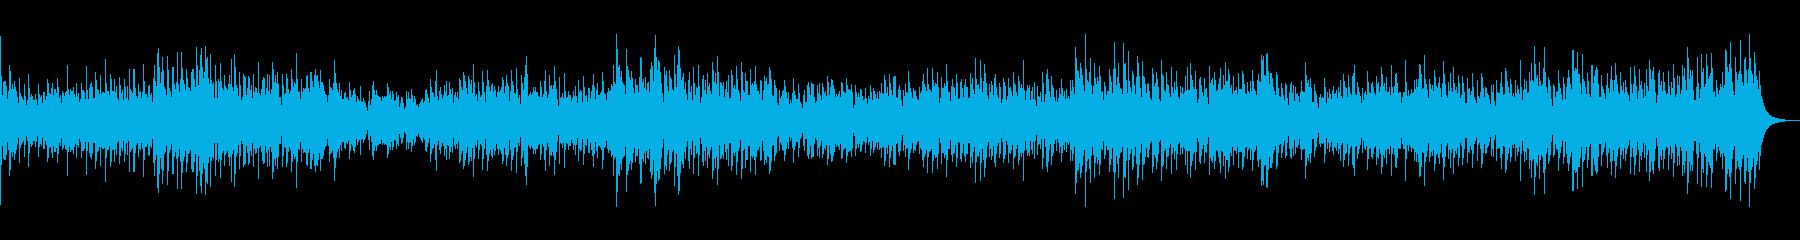 バリ島の竹製マリンバと打楽器によるリズムの再生済みの波形